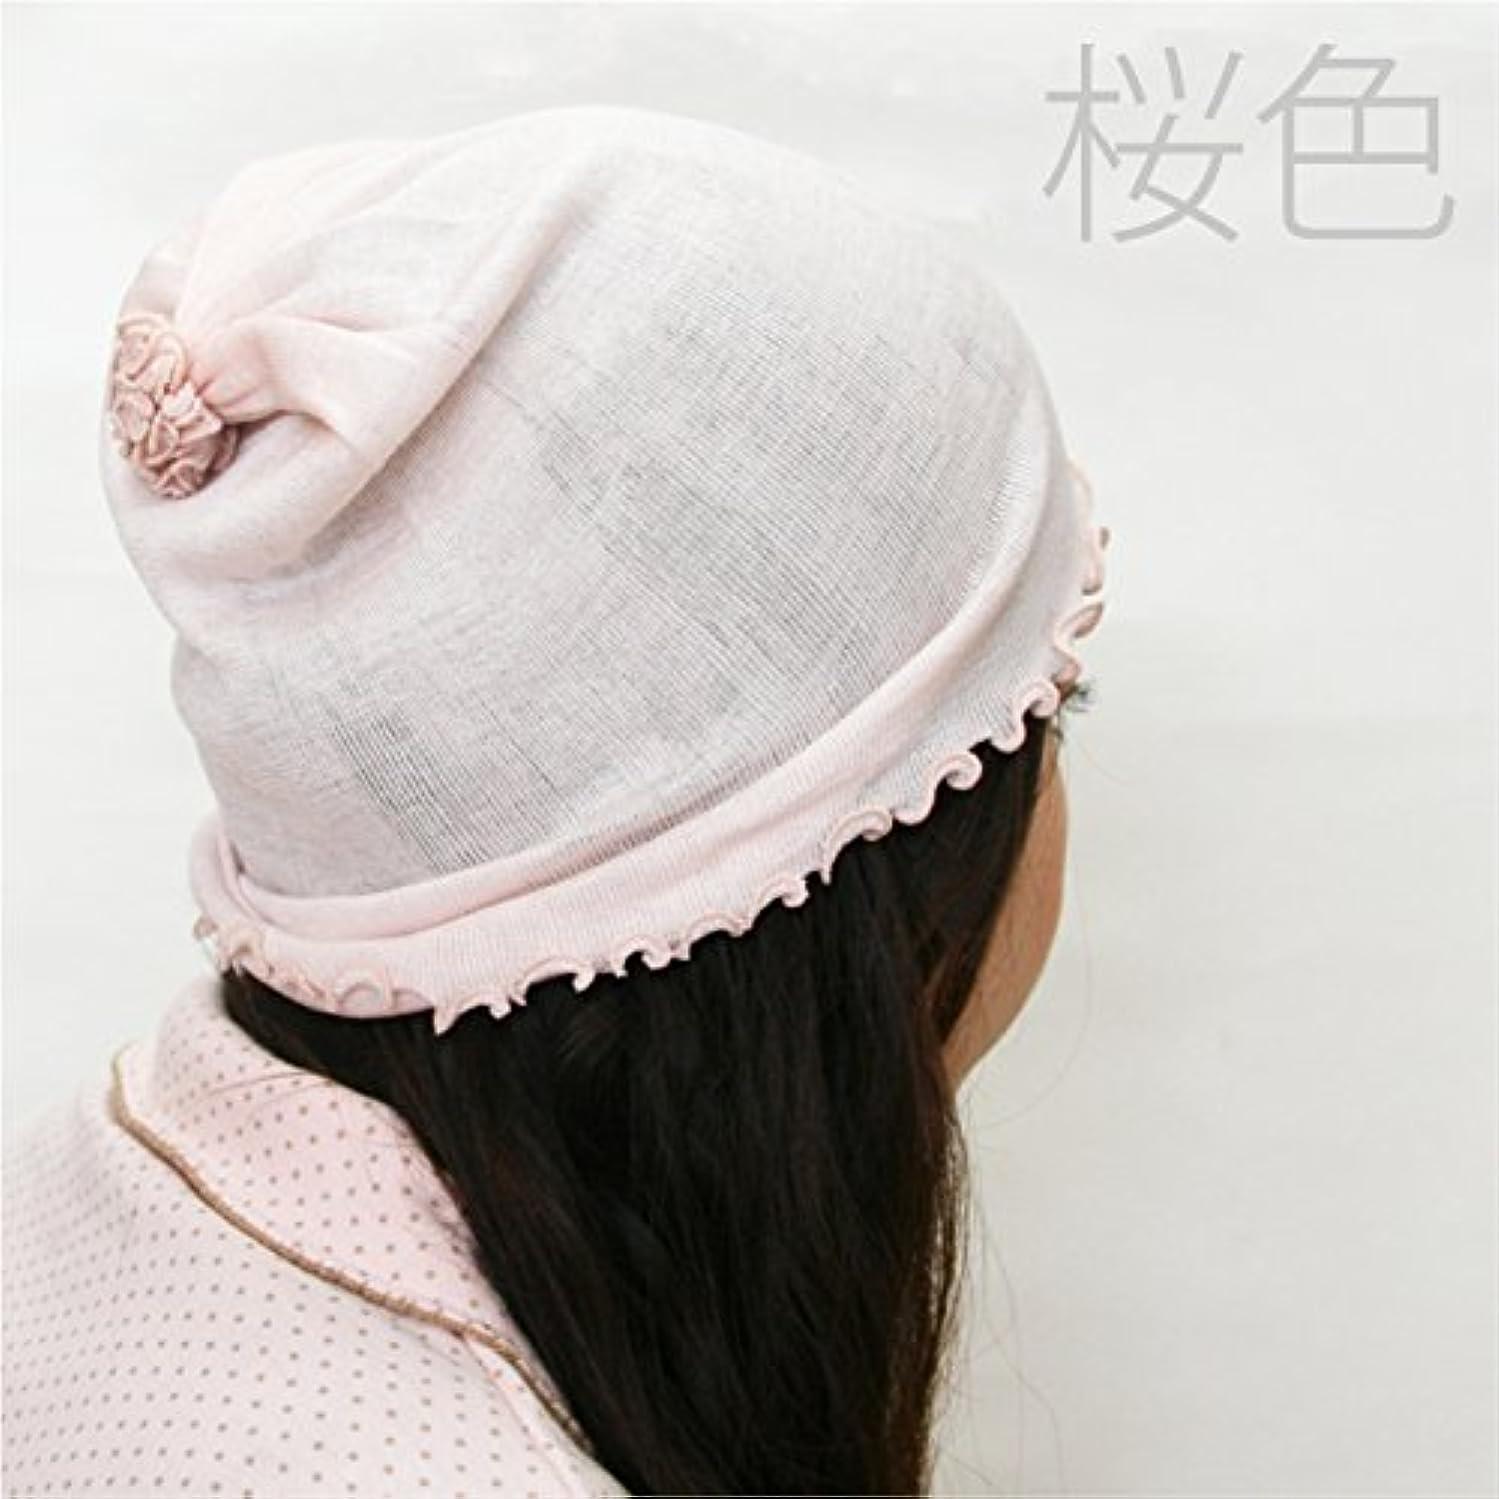 傾く知恵謙虚な絹屋 シルクナイトキャップ SO4463 02桜色